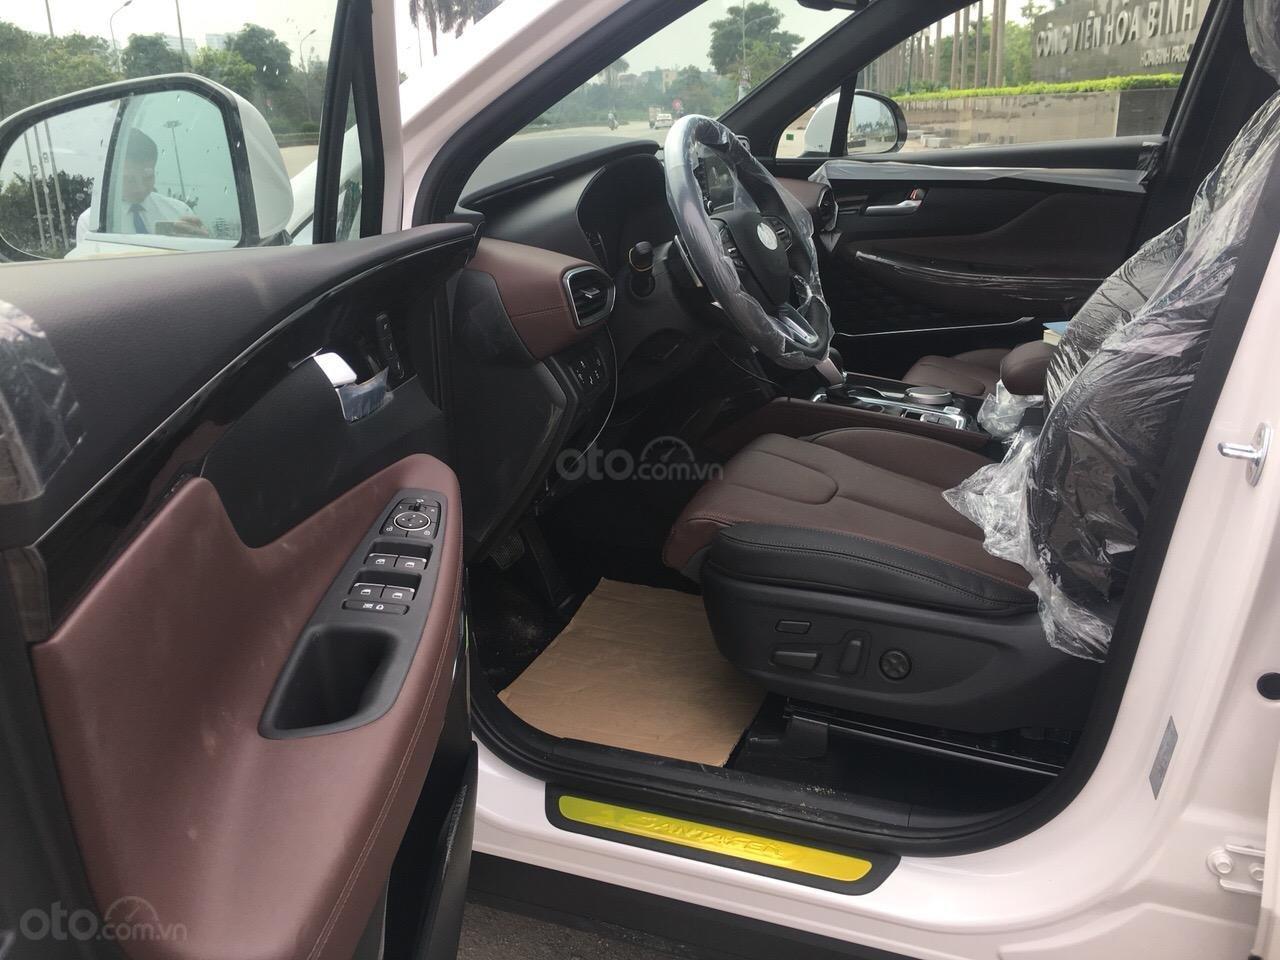 Bán Hyundai Santa Fe 2019 Premium, giá cực tốt cùng nhiều phần quà tặng hấp dẫn, sẵn xe giao ngay-6